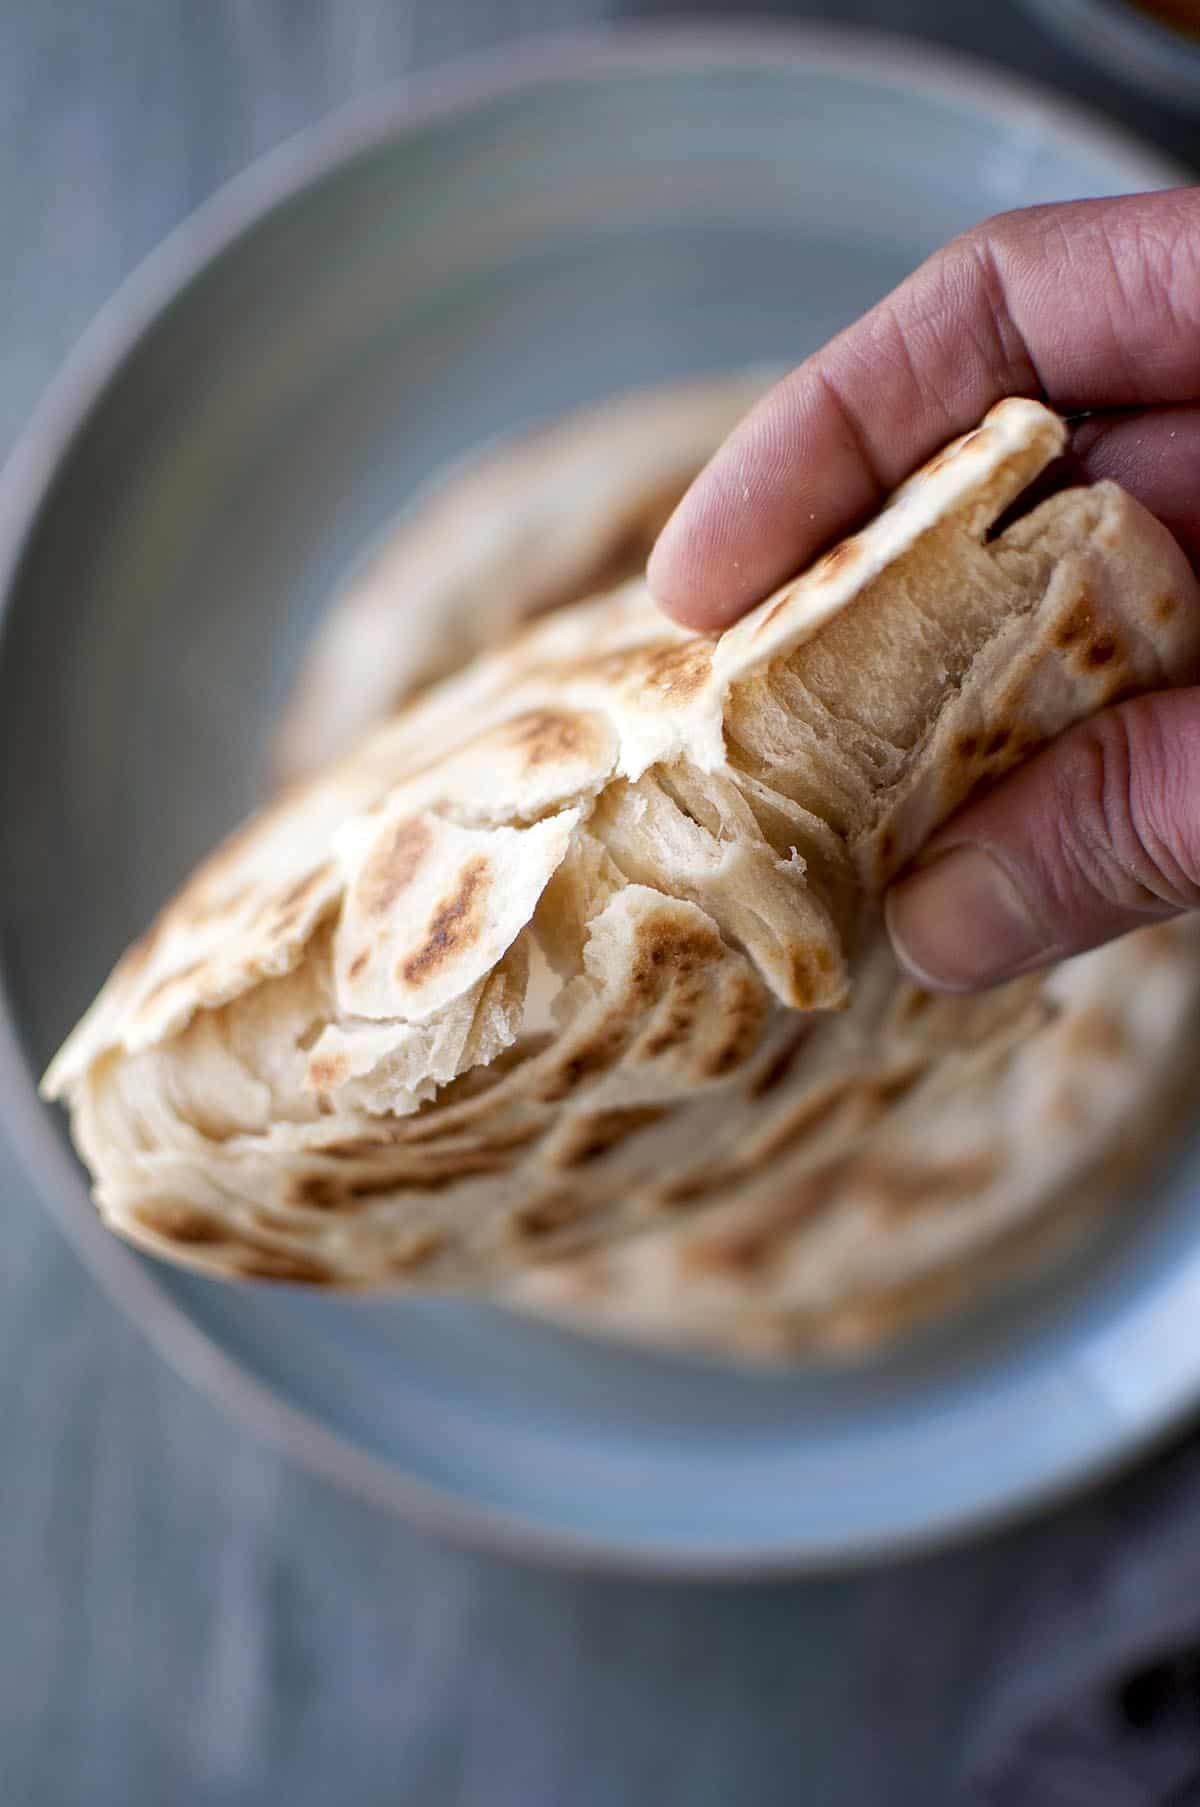 hand holding flaky Malaysian roti canai